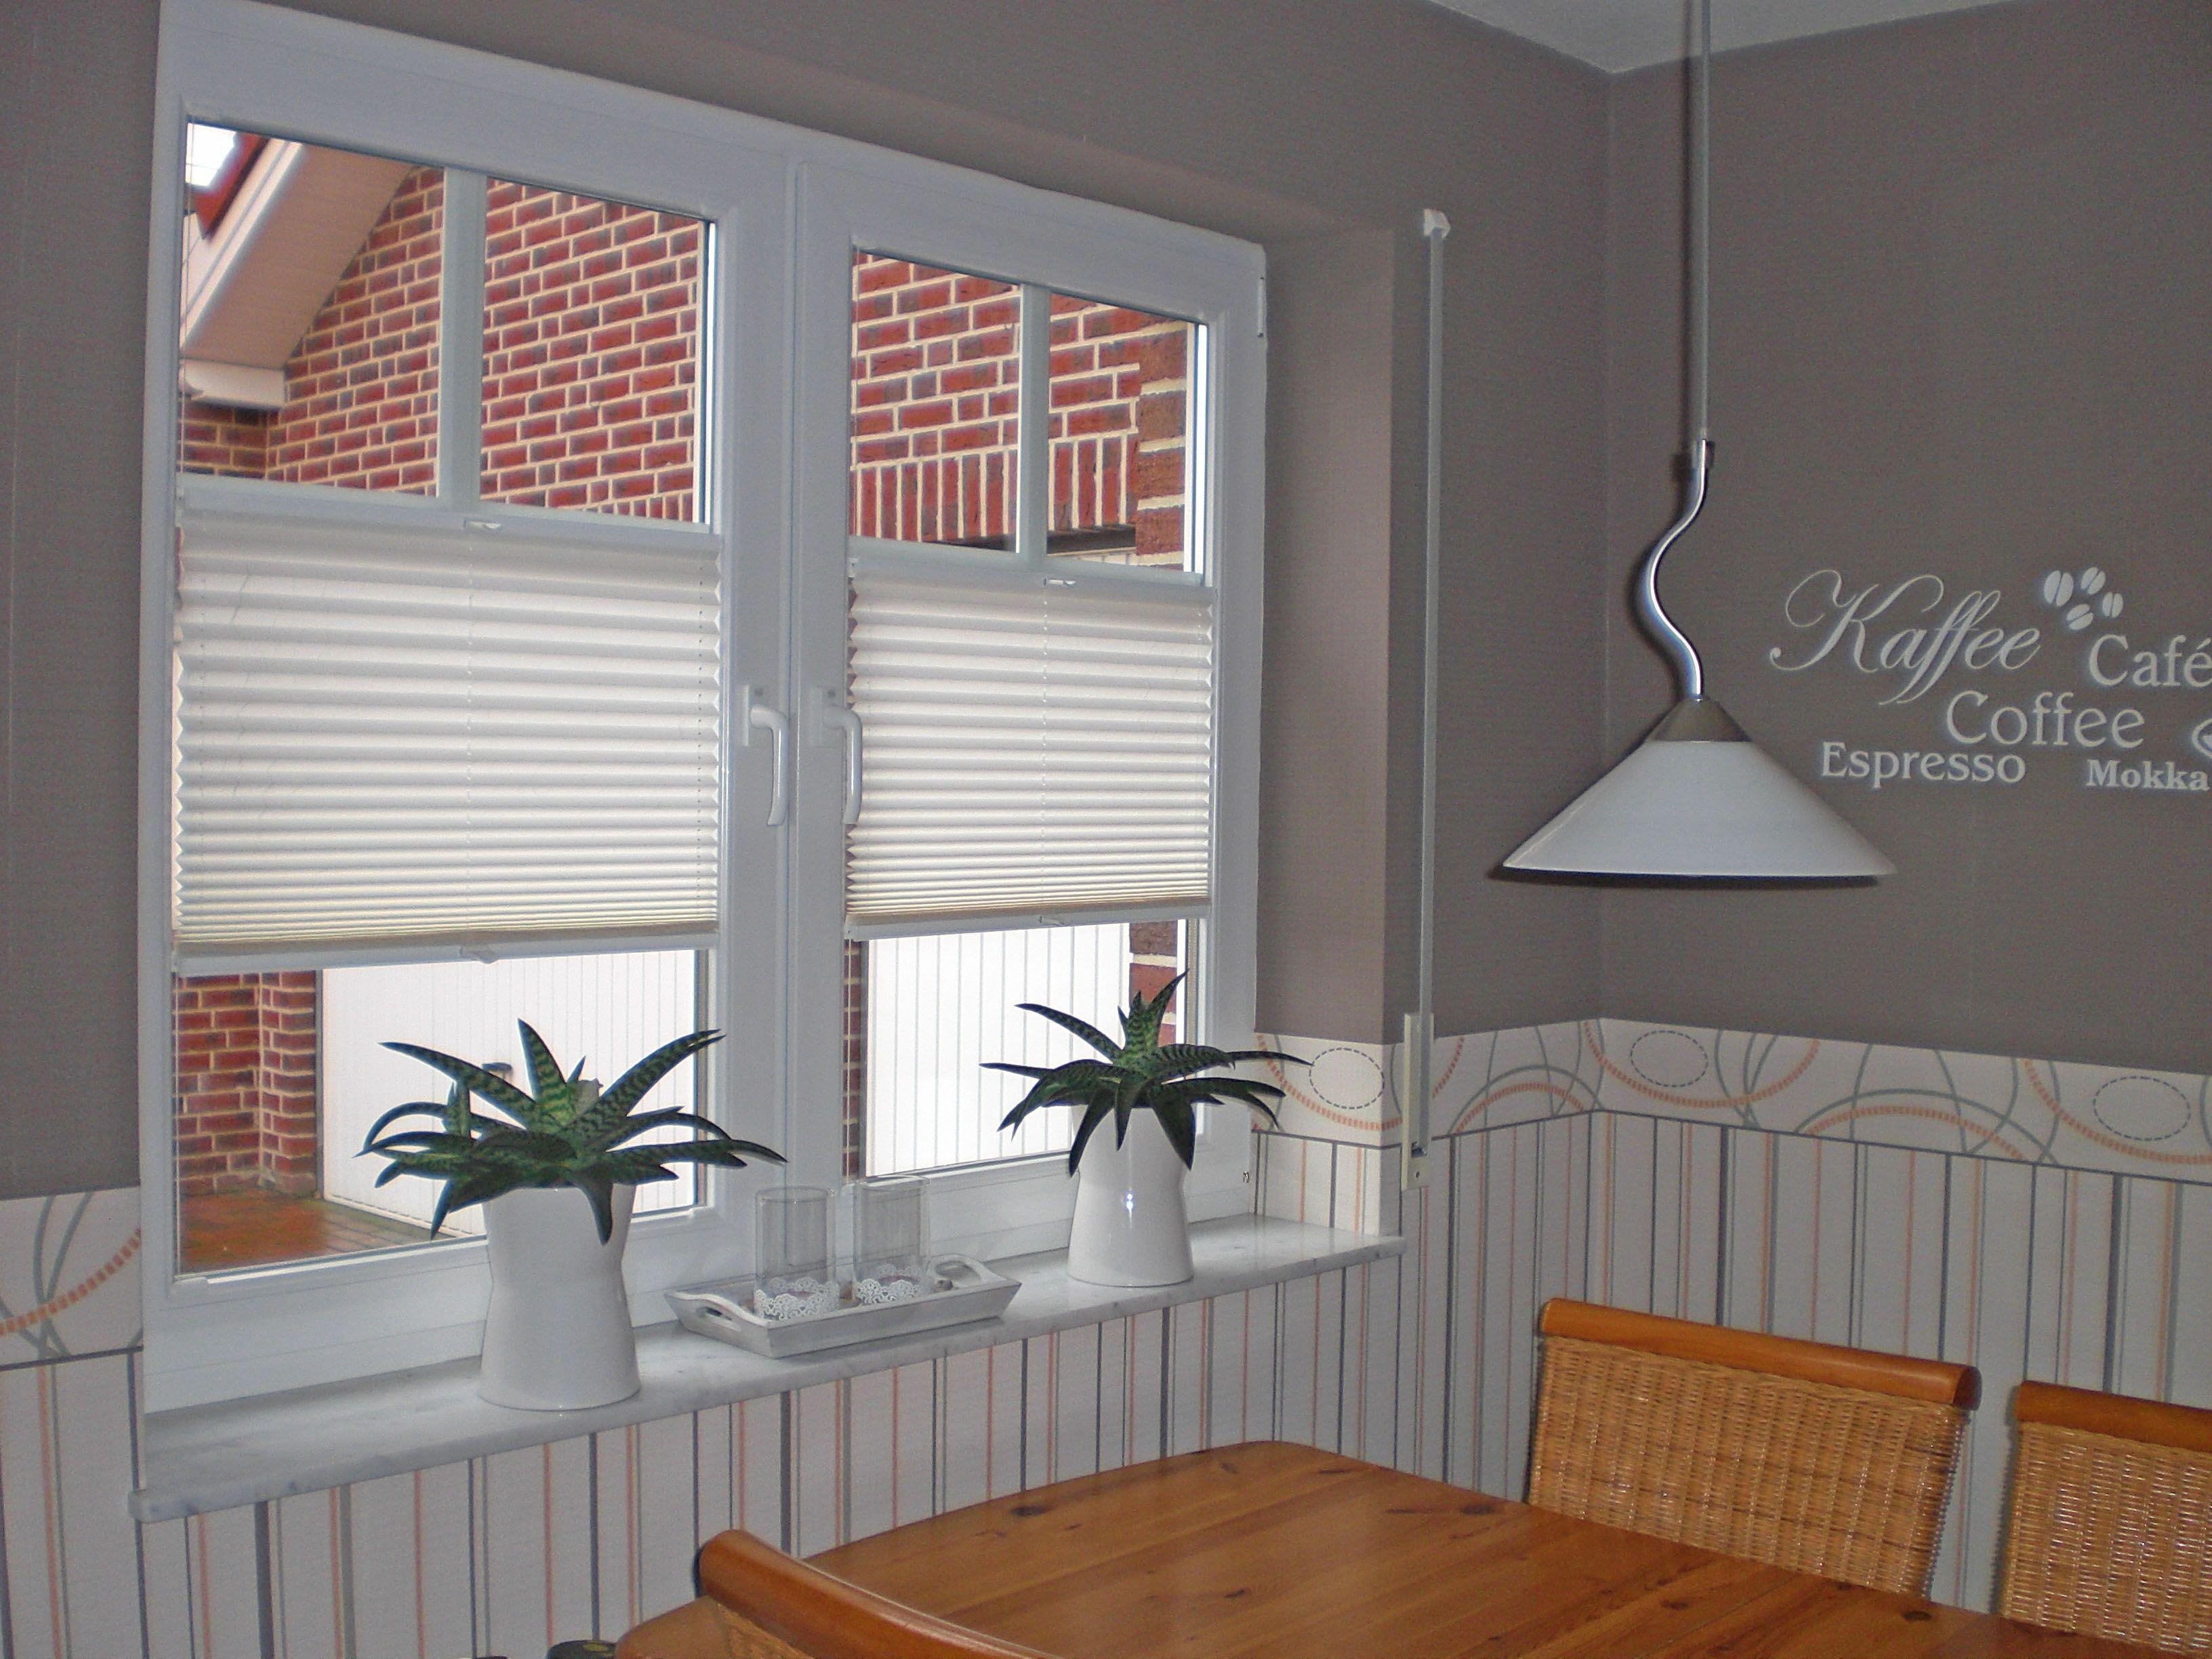 Plissee Wohnzimmer ~ Plissee wohnen wohnzimmer macht euer zuhause schöner mit unseren